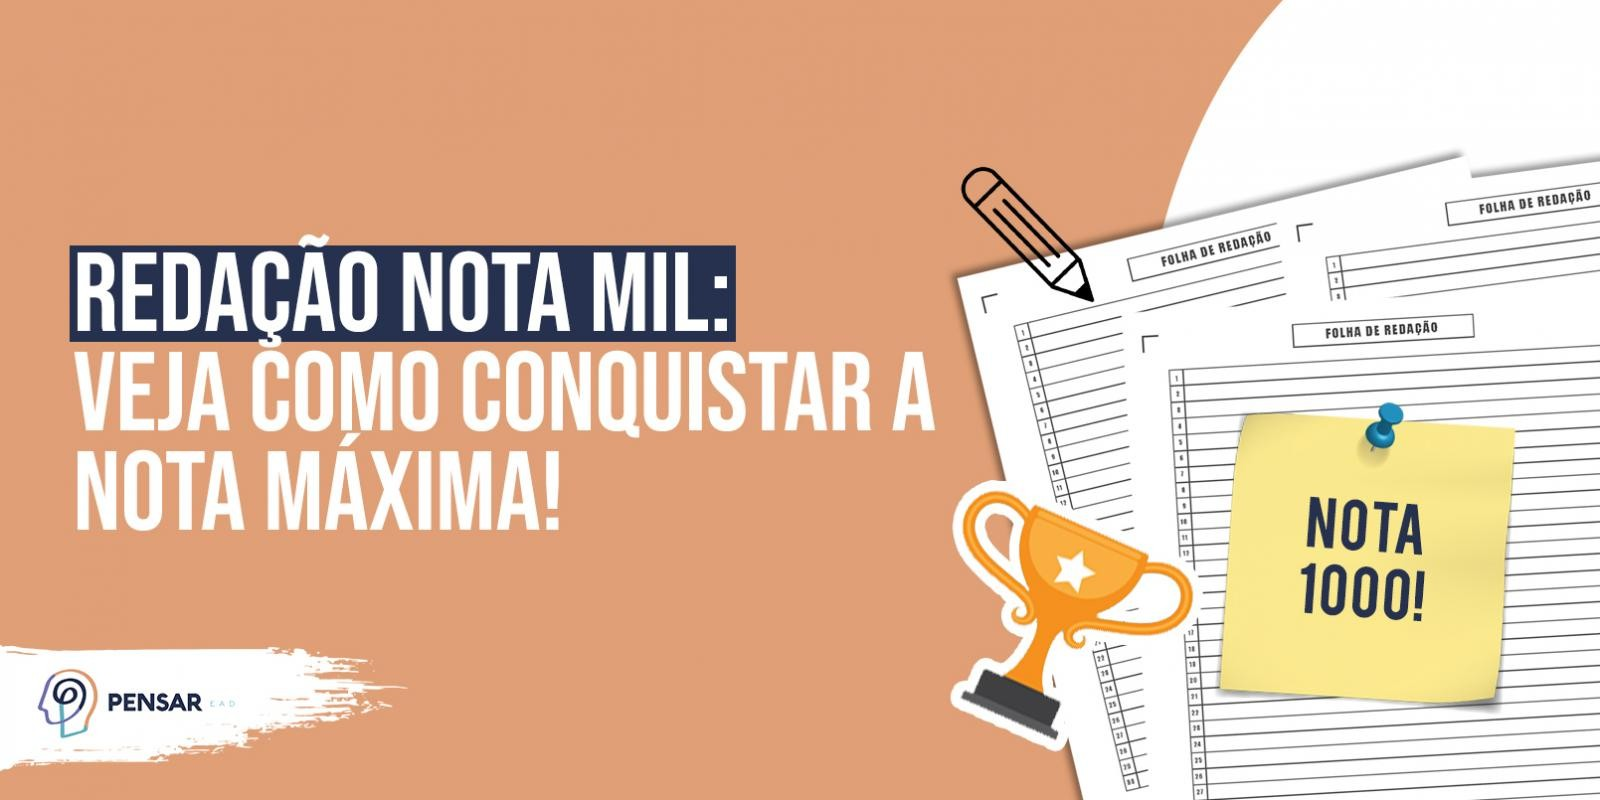 Redação NOTA MIL: veja como conquistar a nota máxima!